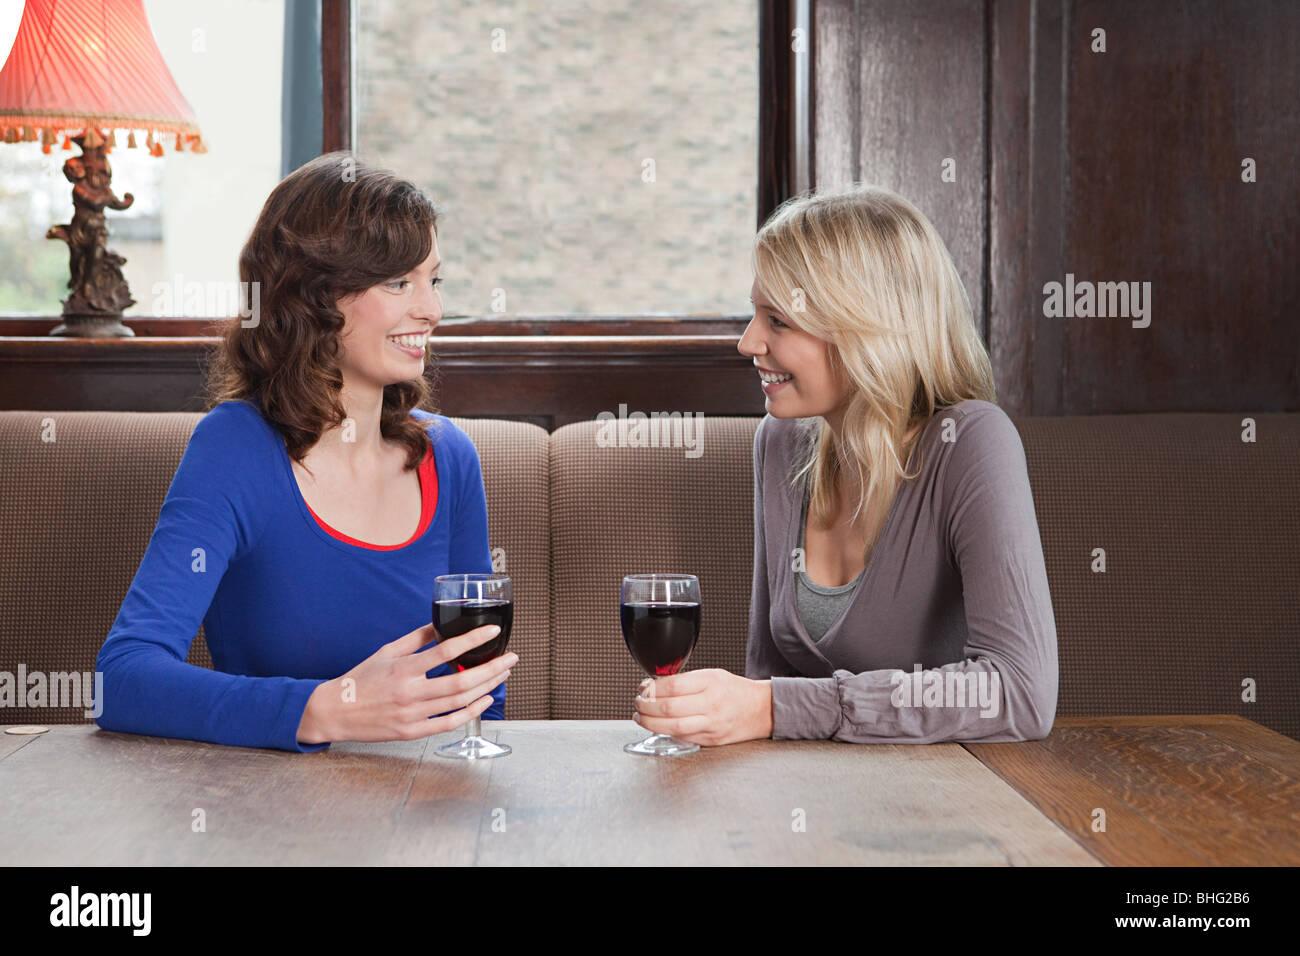 Junge Frauen in der Bar Stockfoto